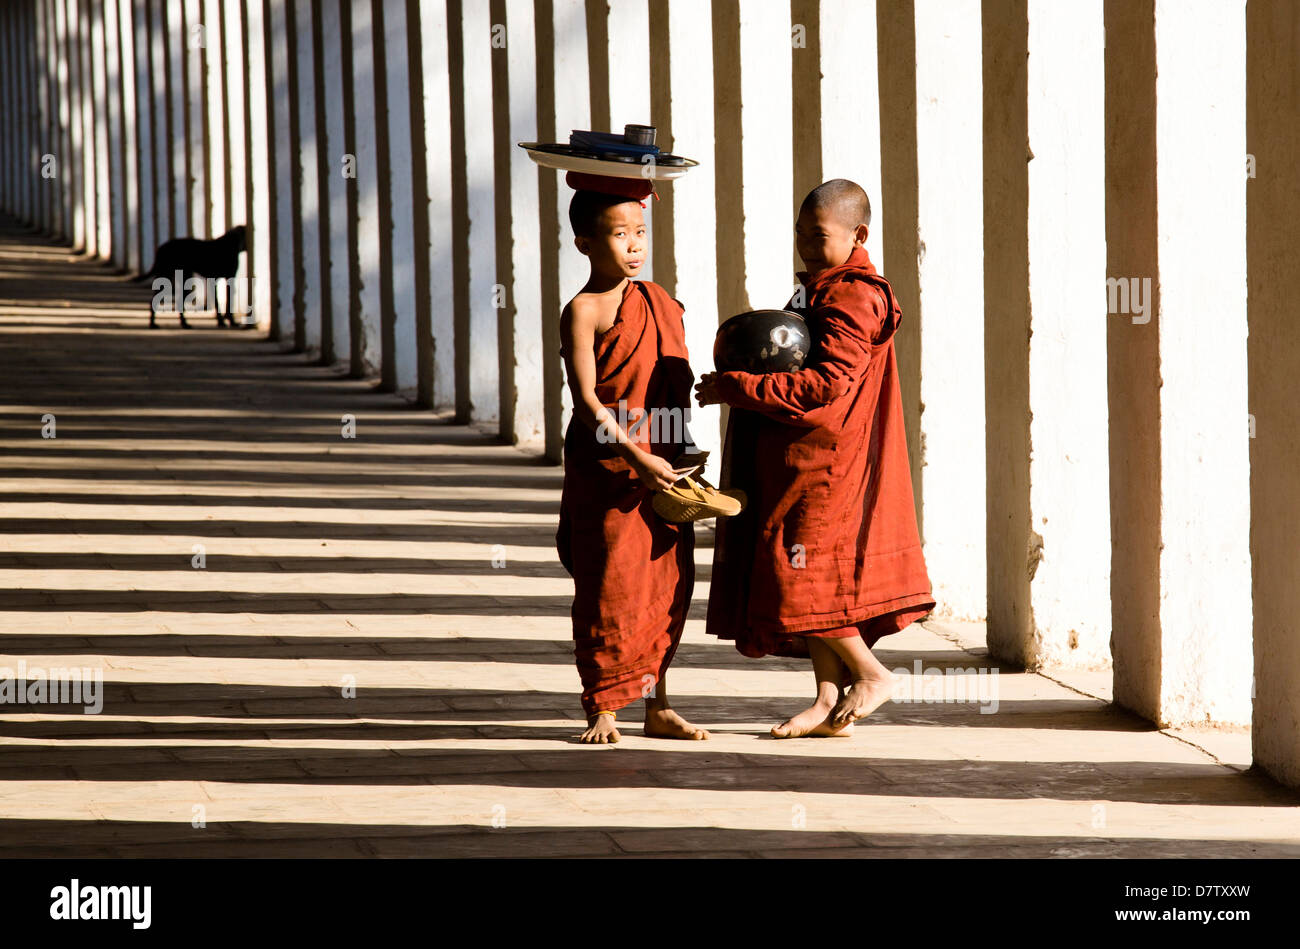 Il debuttante i monaci buddisti raccogliendo elemosine, in piedi le ombre delle colonne a Shwezigon Paya, Nyaung Immagini Stock